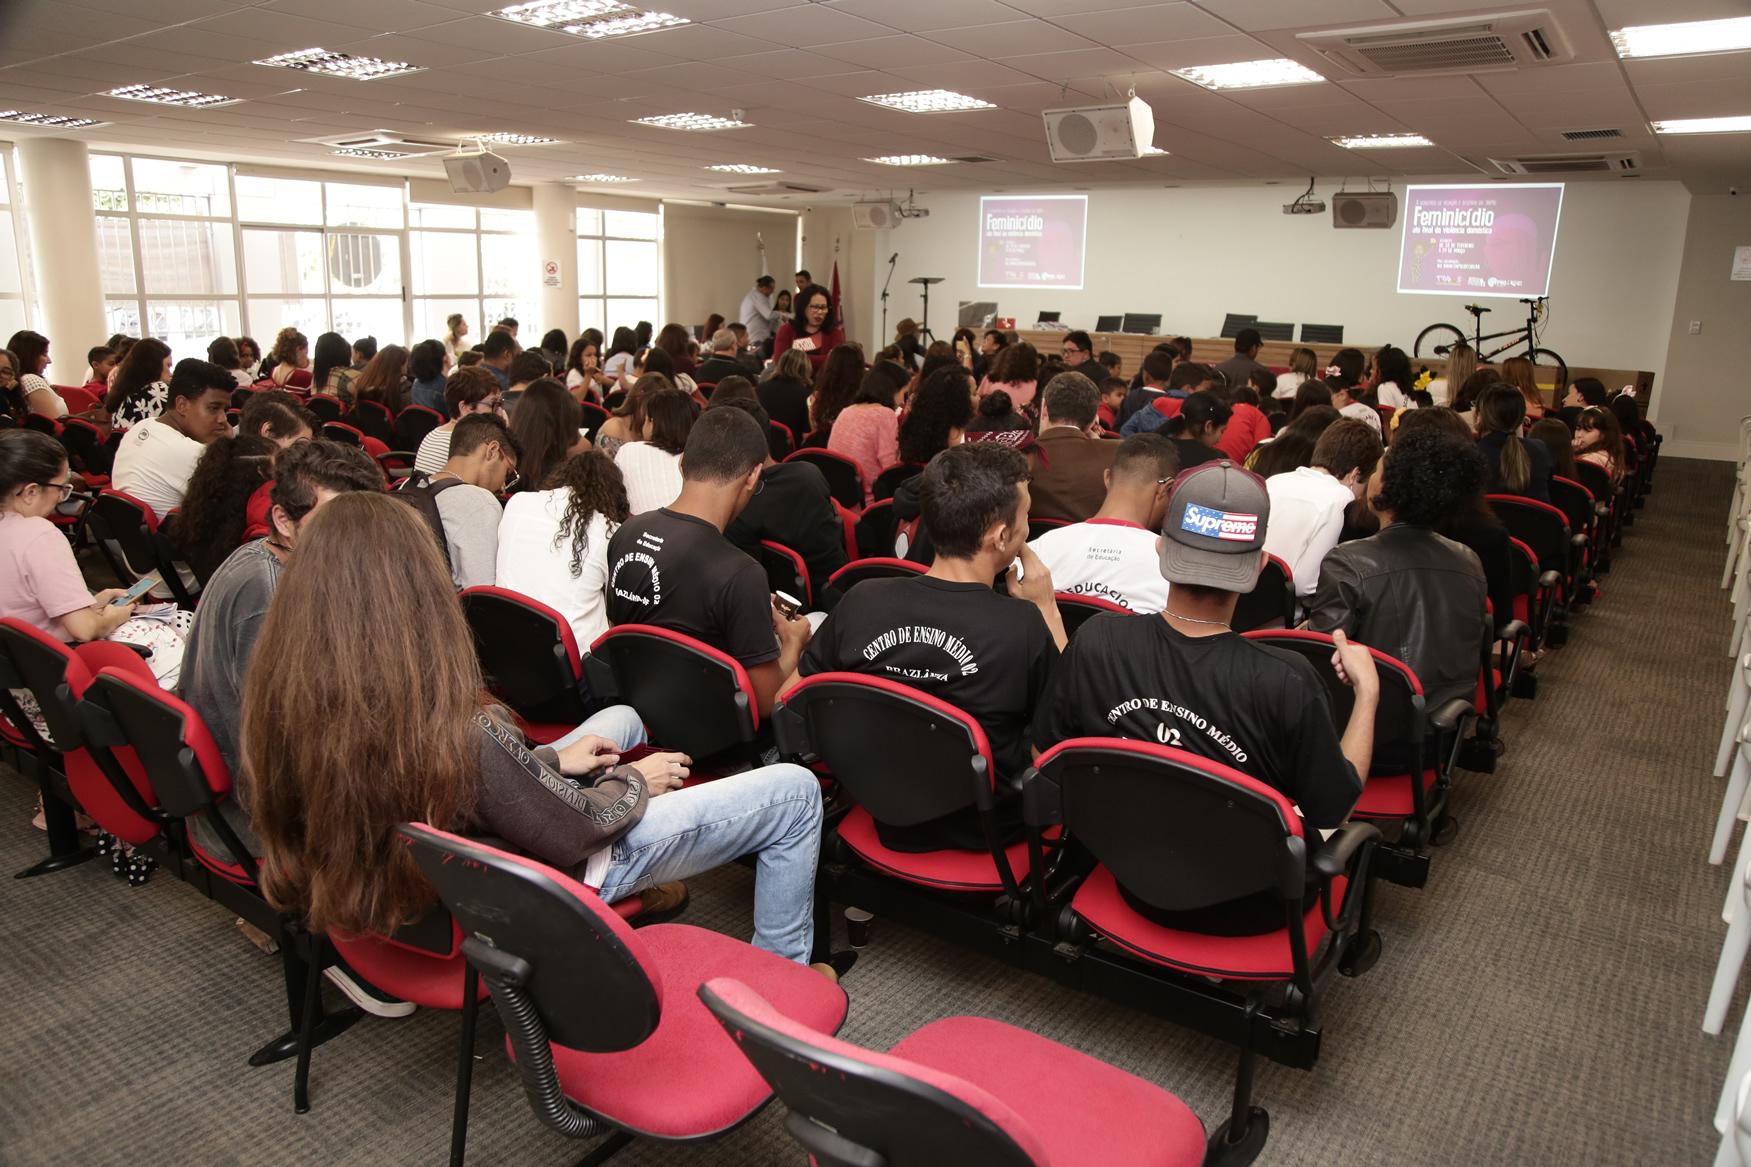 2019.05.19-Premiacao-do-X-Concurso-de-Redacao-do-Sinpro-DF_fotos-ECOM-167